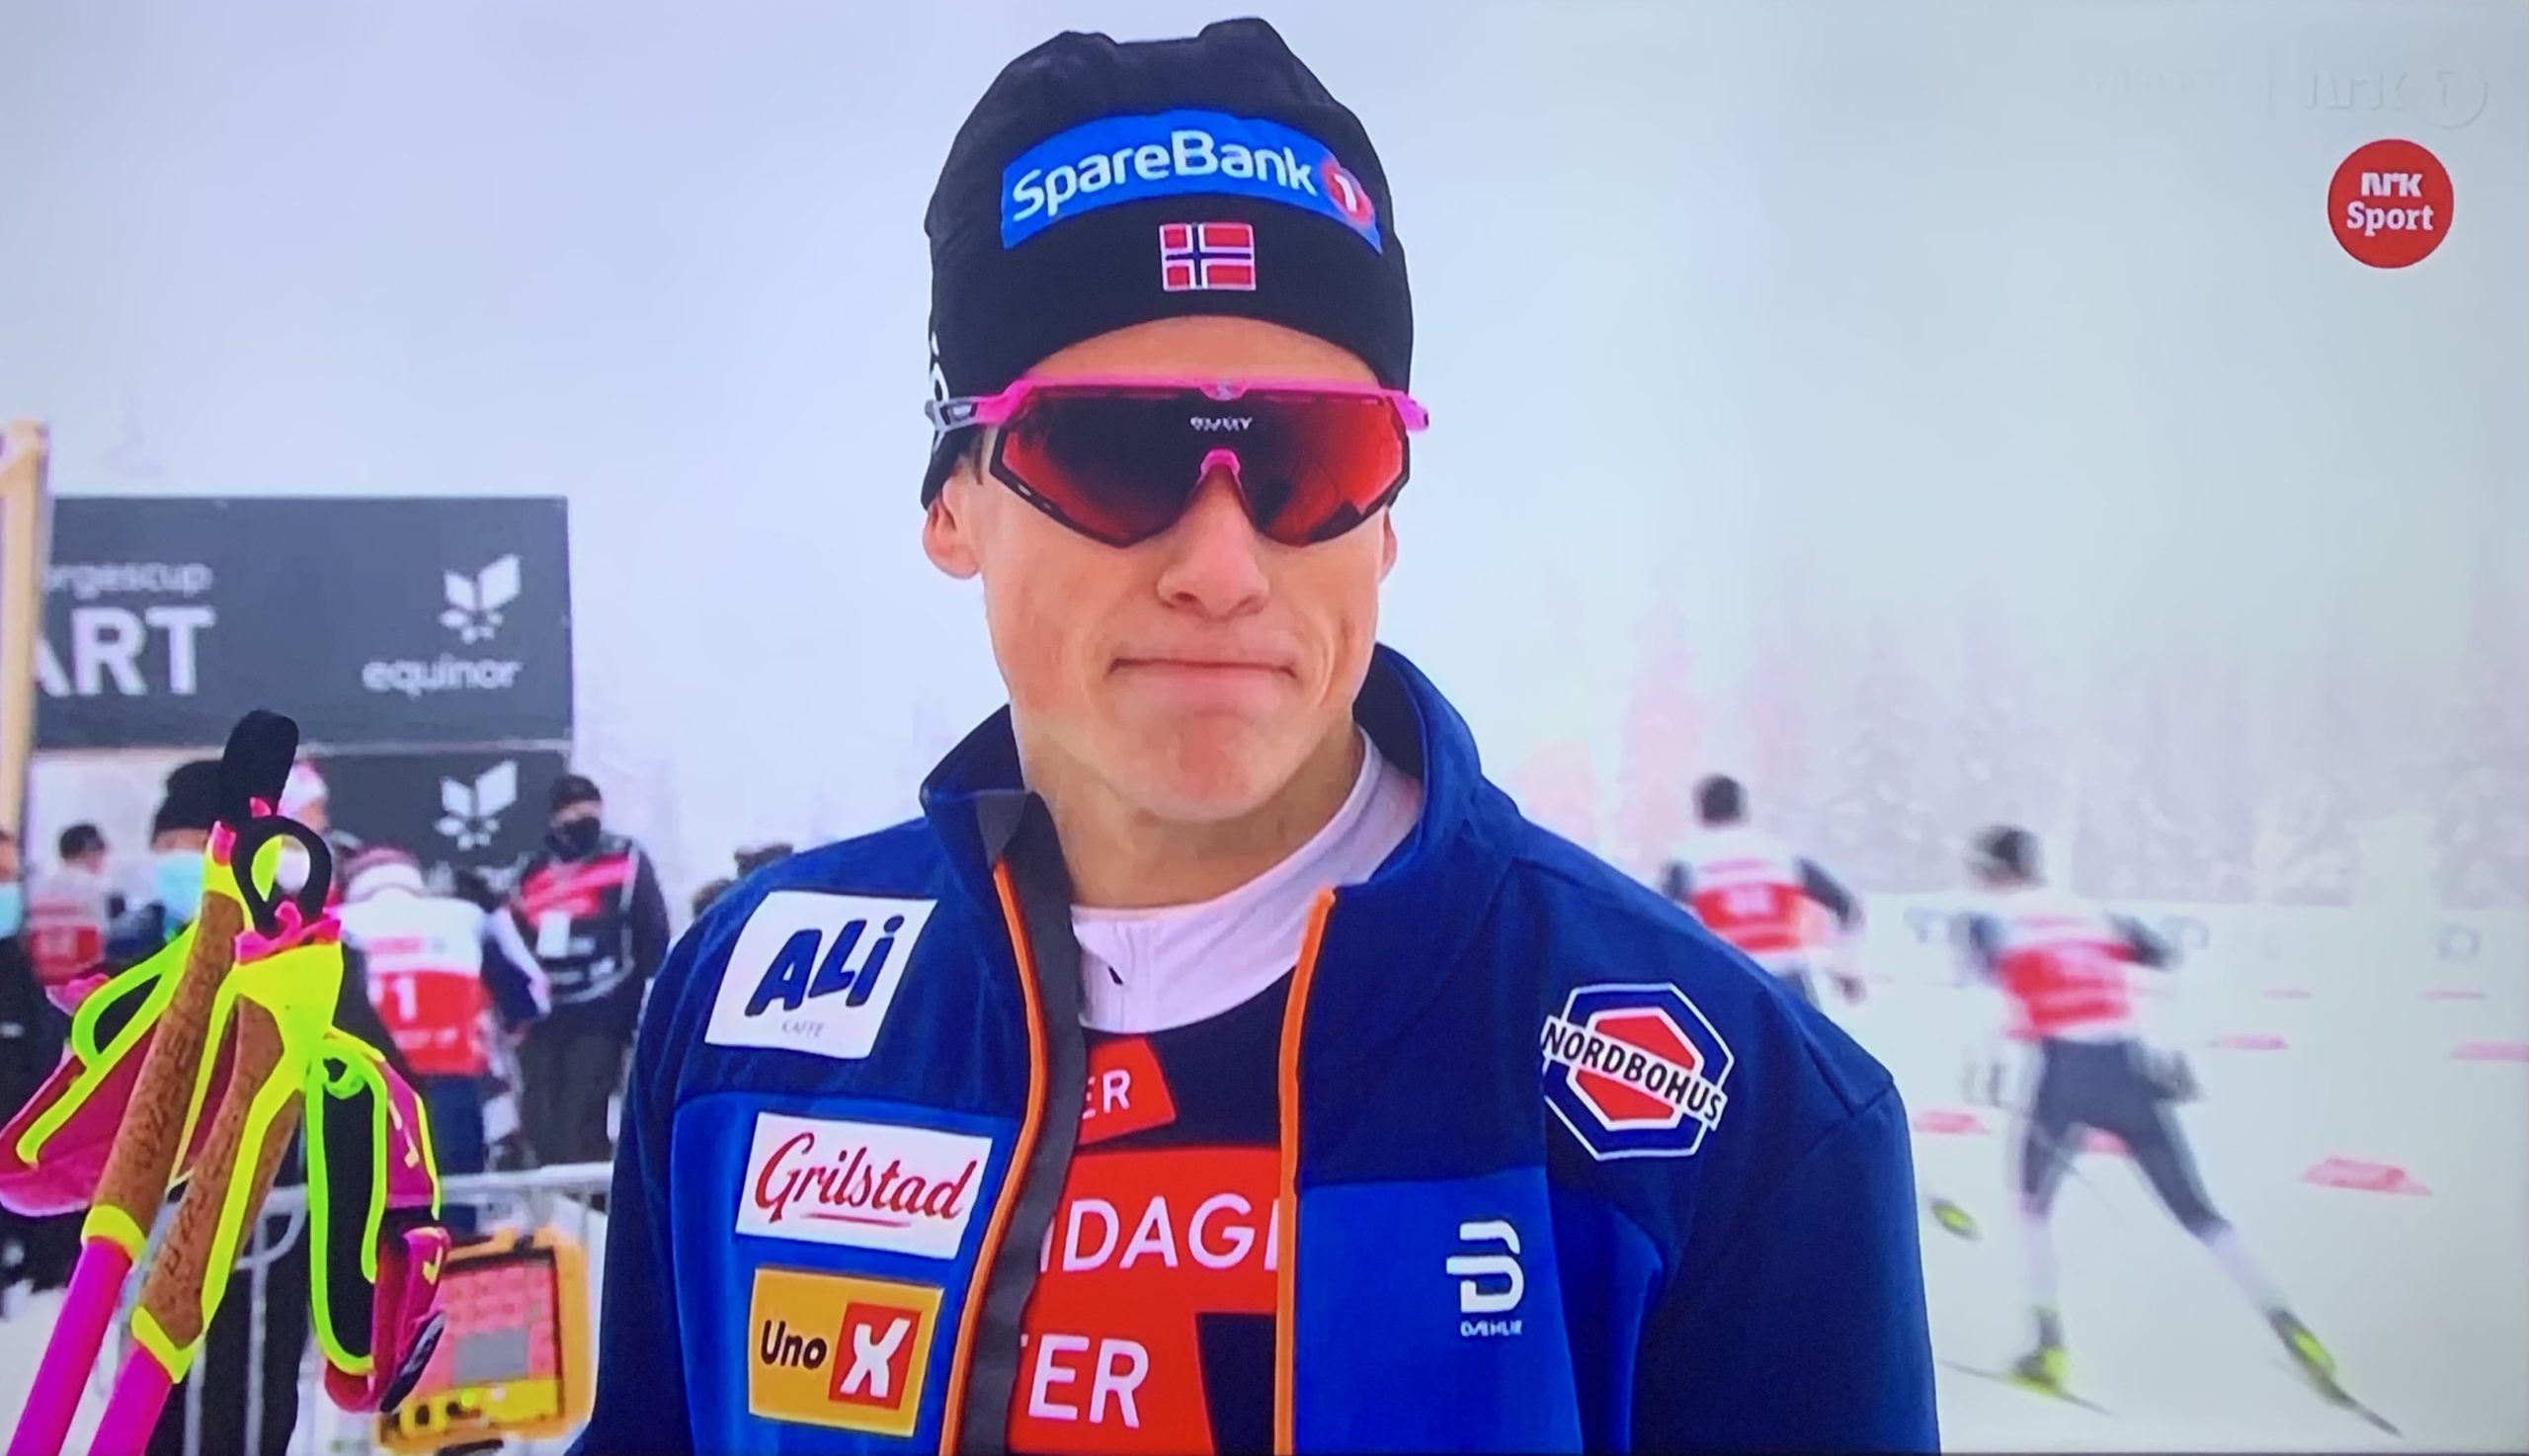 Ski de fond, Biathlon, Saut à ski, combiné nordique, ski nordique, rollerski, coupe du monde, Nordic Magazine, ski de randonnée, Johannes Hoesflot Klaebo, Norvège